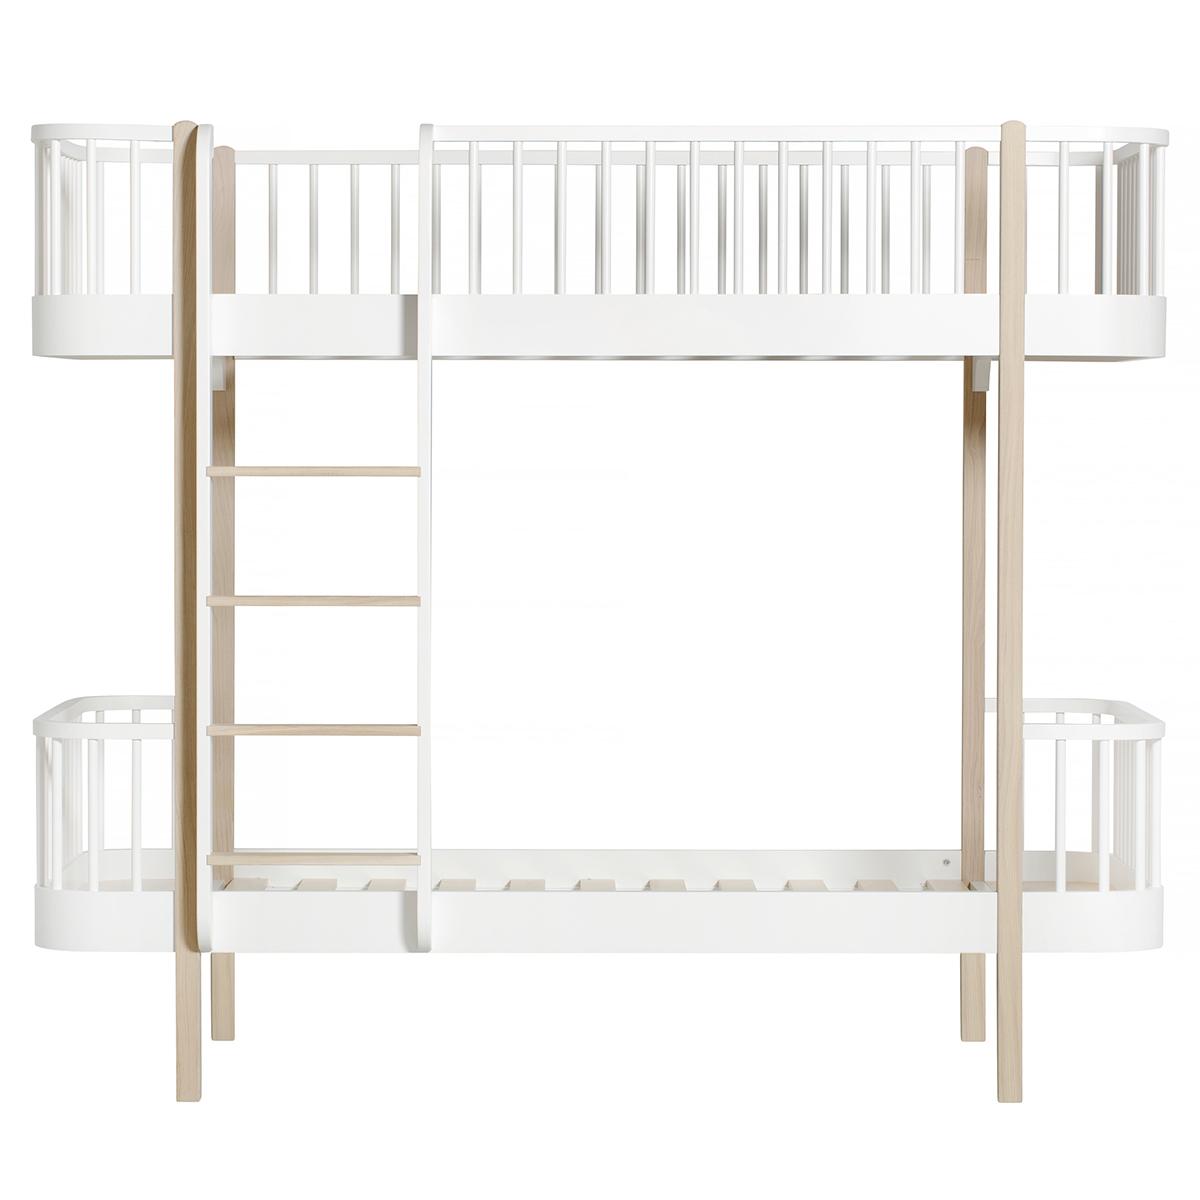 Wood Våningssäng, 90x200cm, Vit/Ek